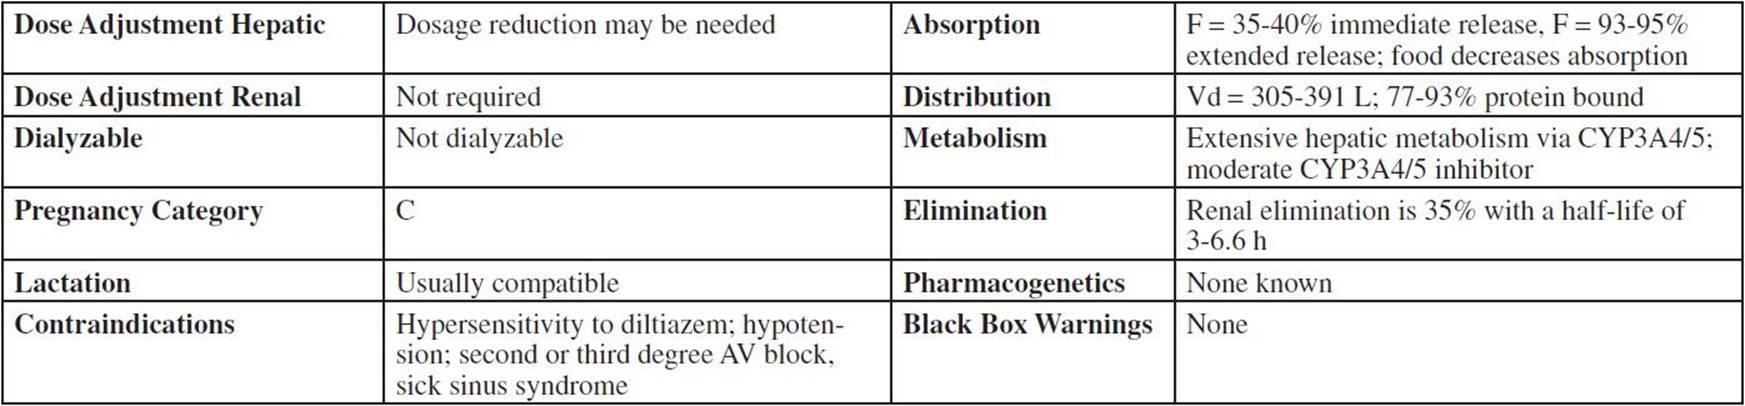 roxithromycin ilaç